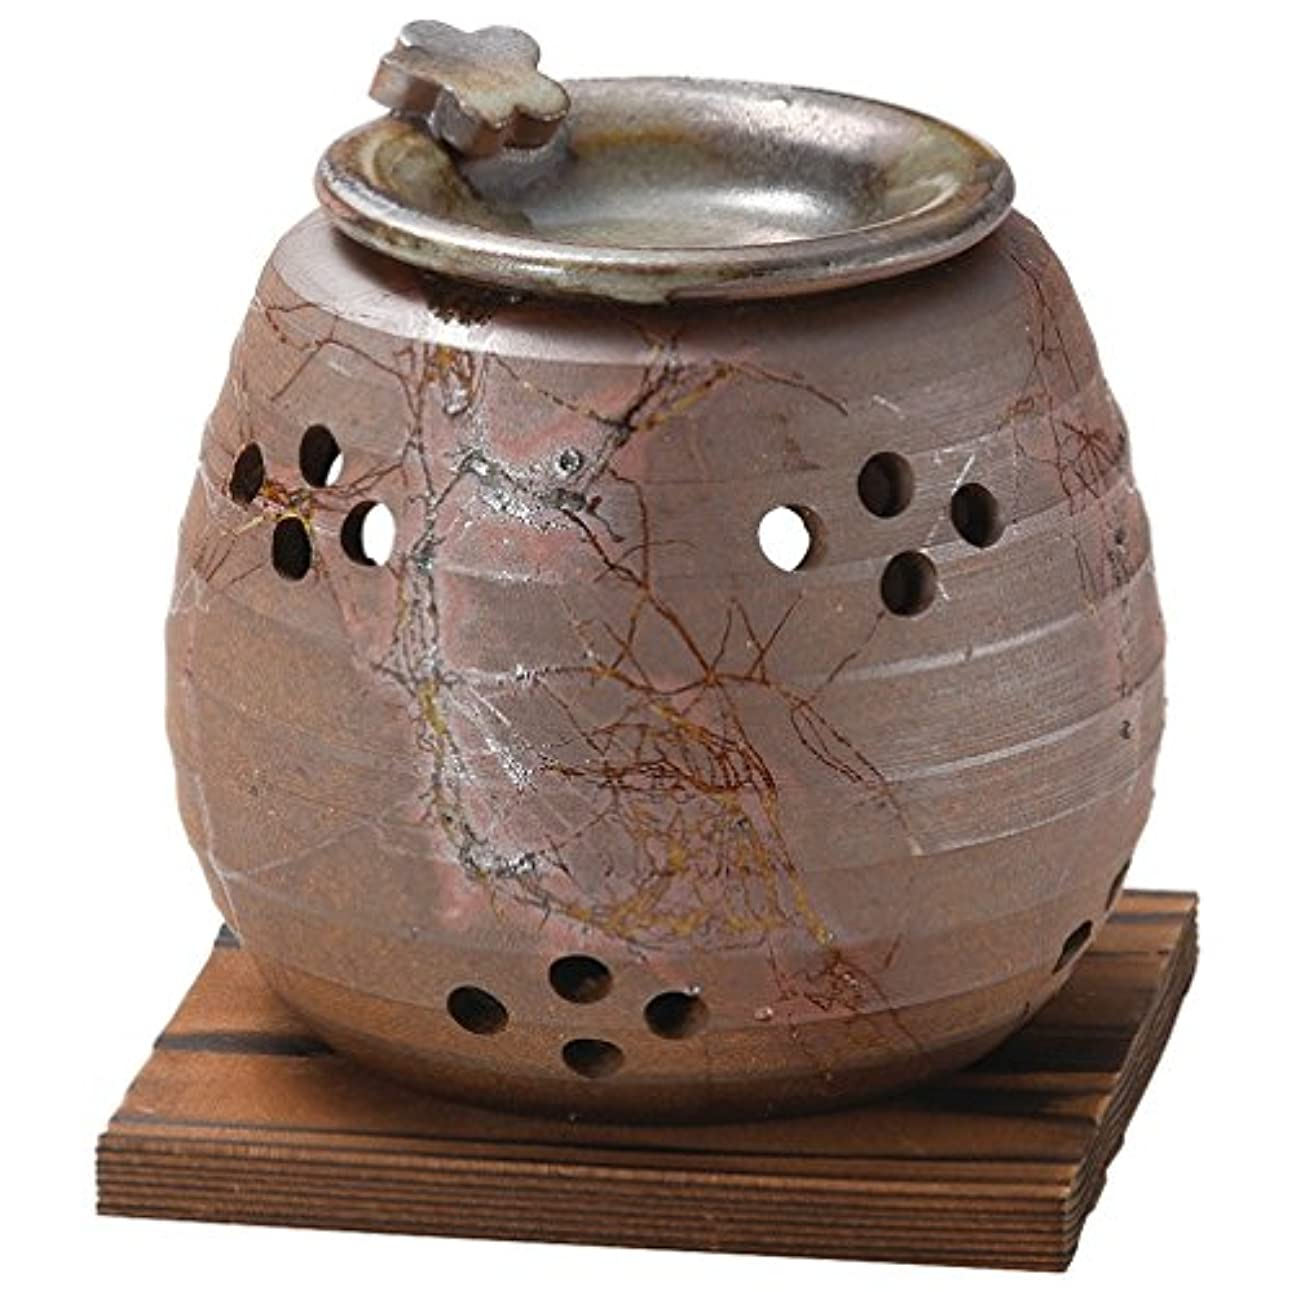 悲惨な姿を消す胆嚢山下工芸 常滑焼 石龍焼〆藻掛茶香炉 12.5×11×11cm 13045730